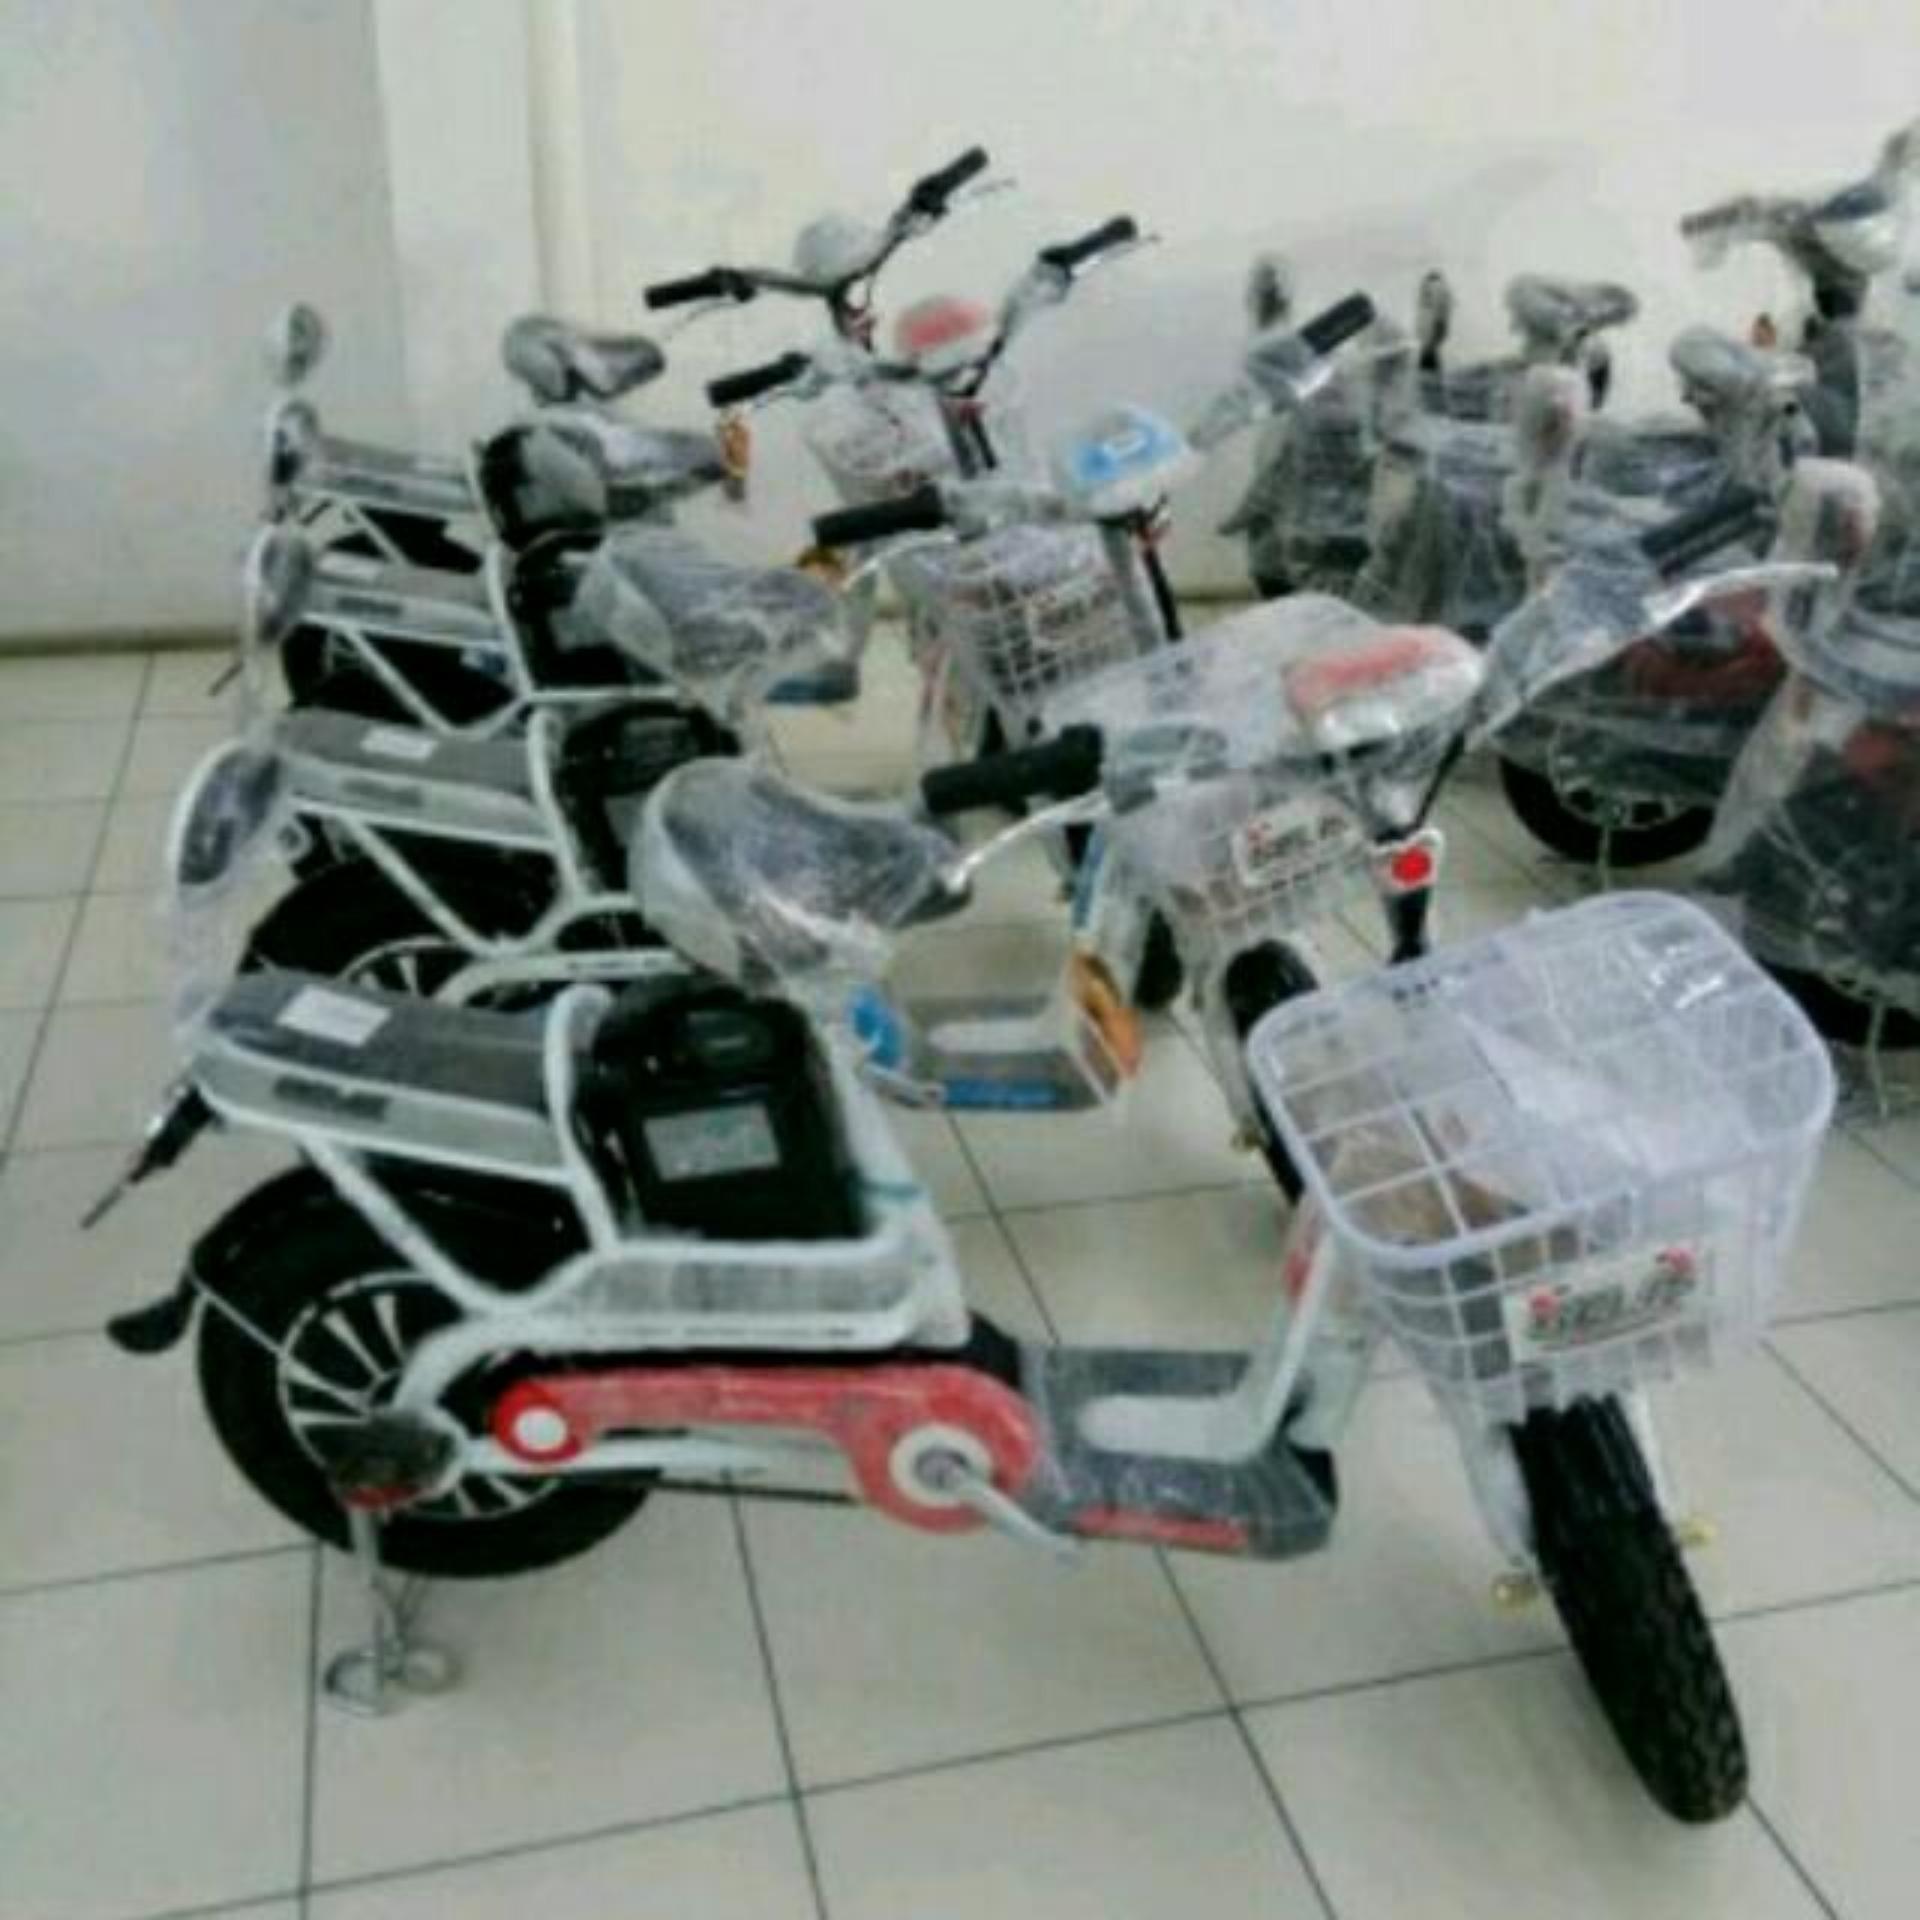 Tempat Jual Selis Type Thunder Di Lapak Indonesia Update Motor Listrik Trail Telah Rilis Karya Anak Tanah Air Butterfly Sepeda